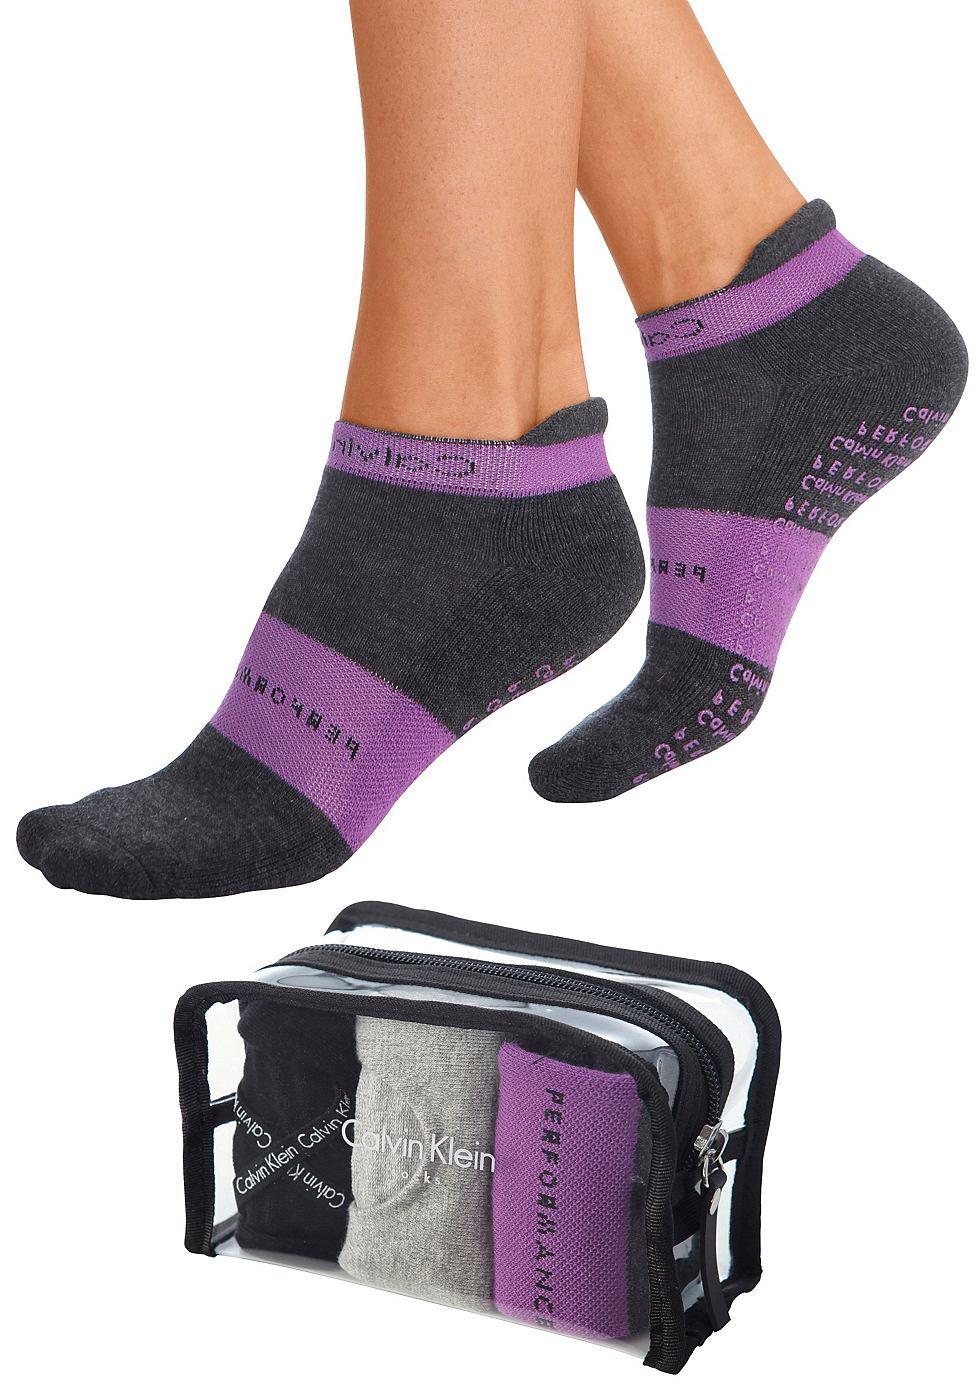 CALVIN KLEIN Workout-sokken in set van 3 paar